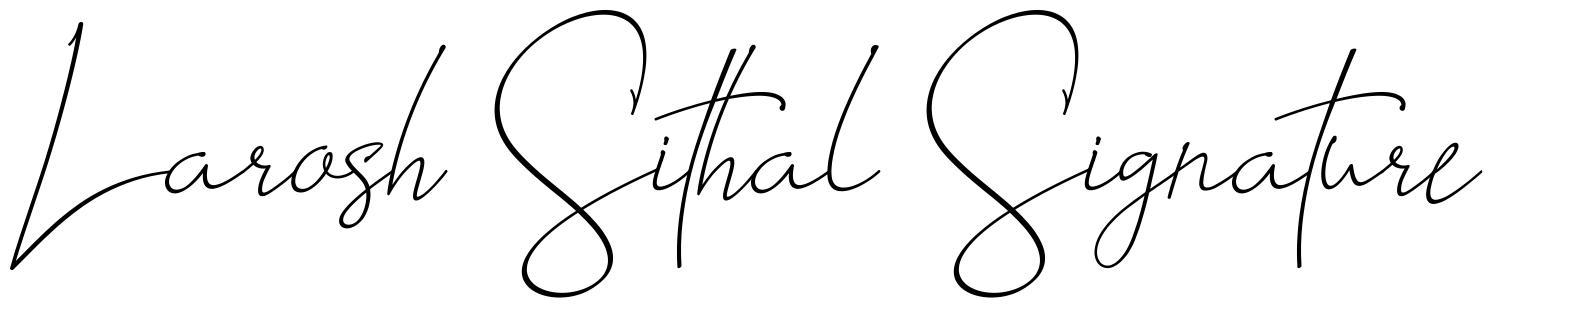 Larosh Sithal Signature